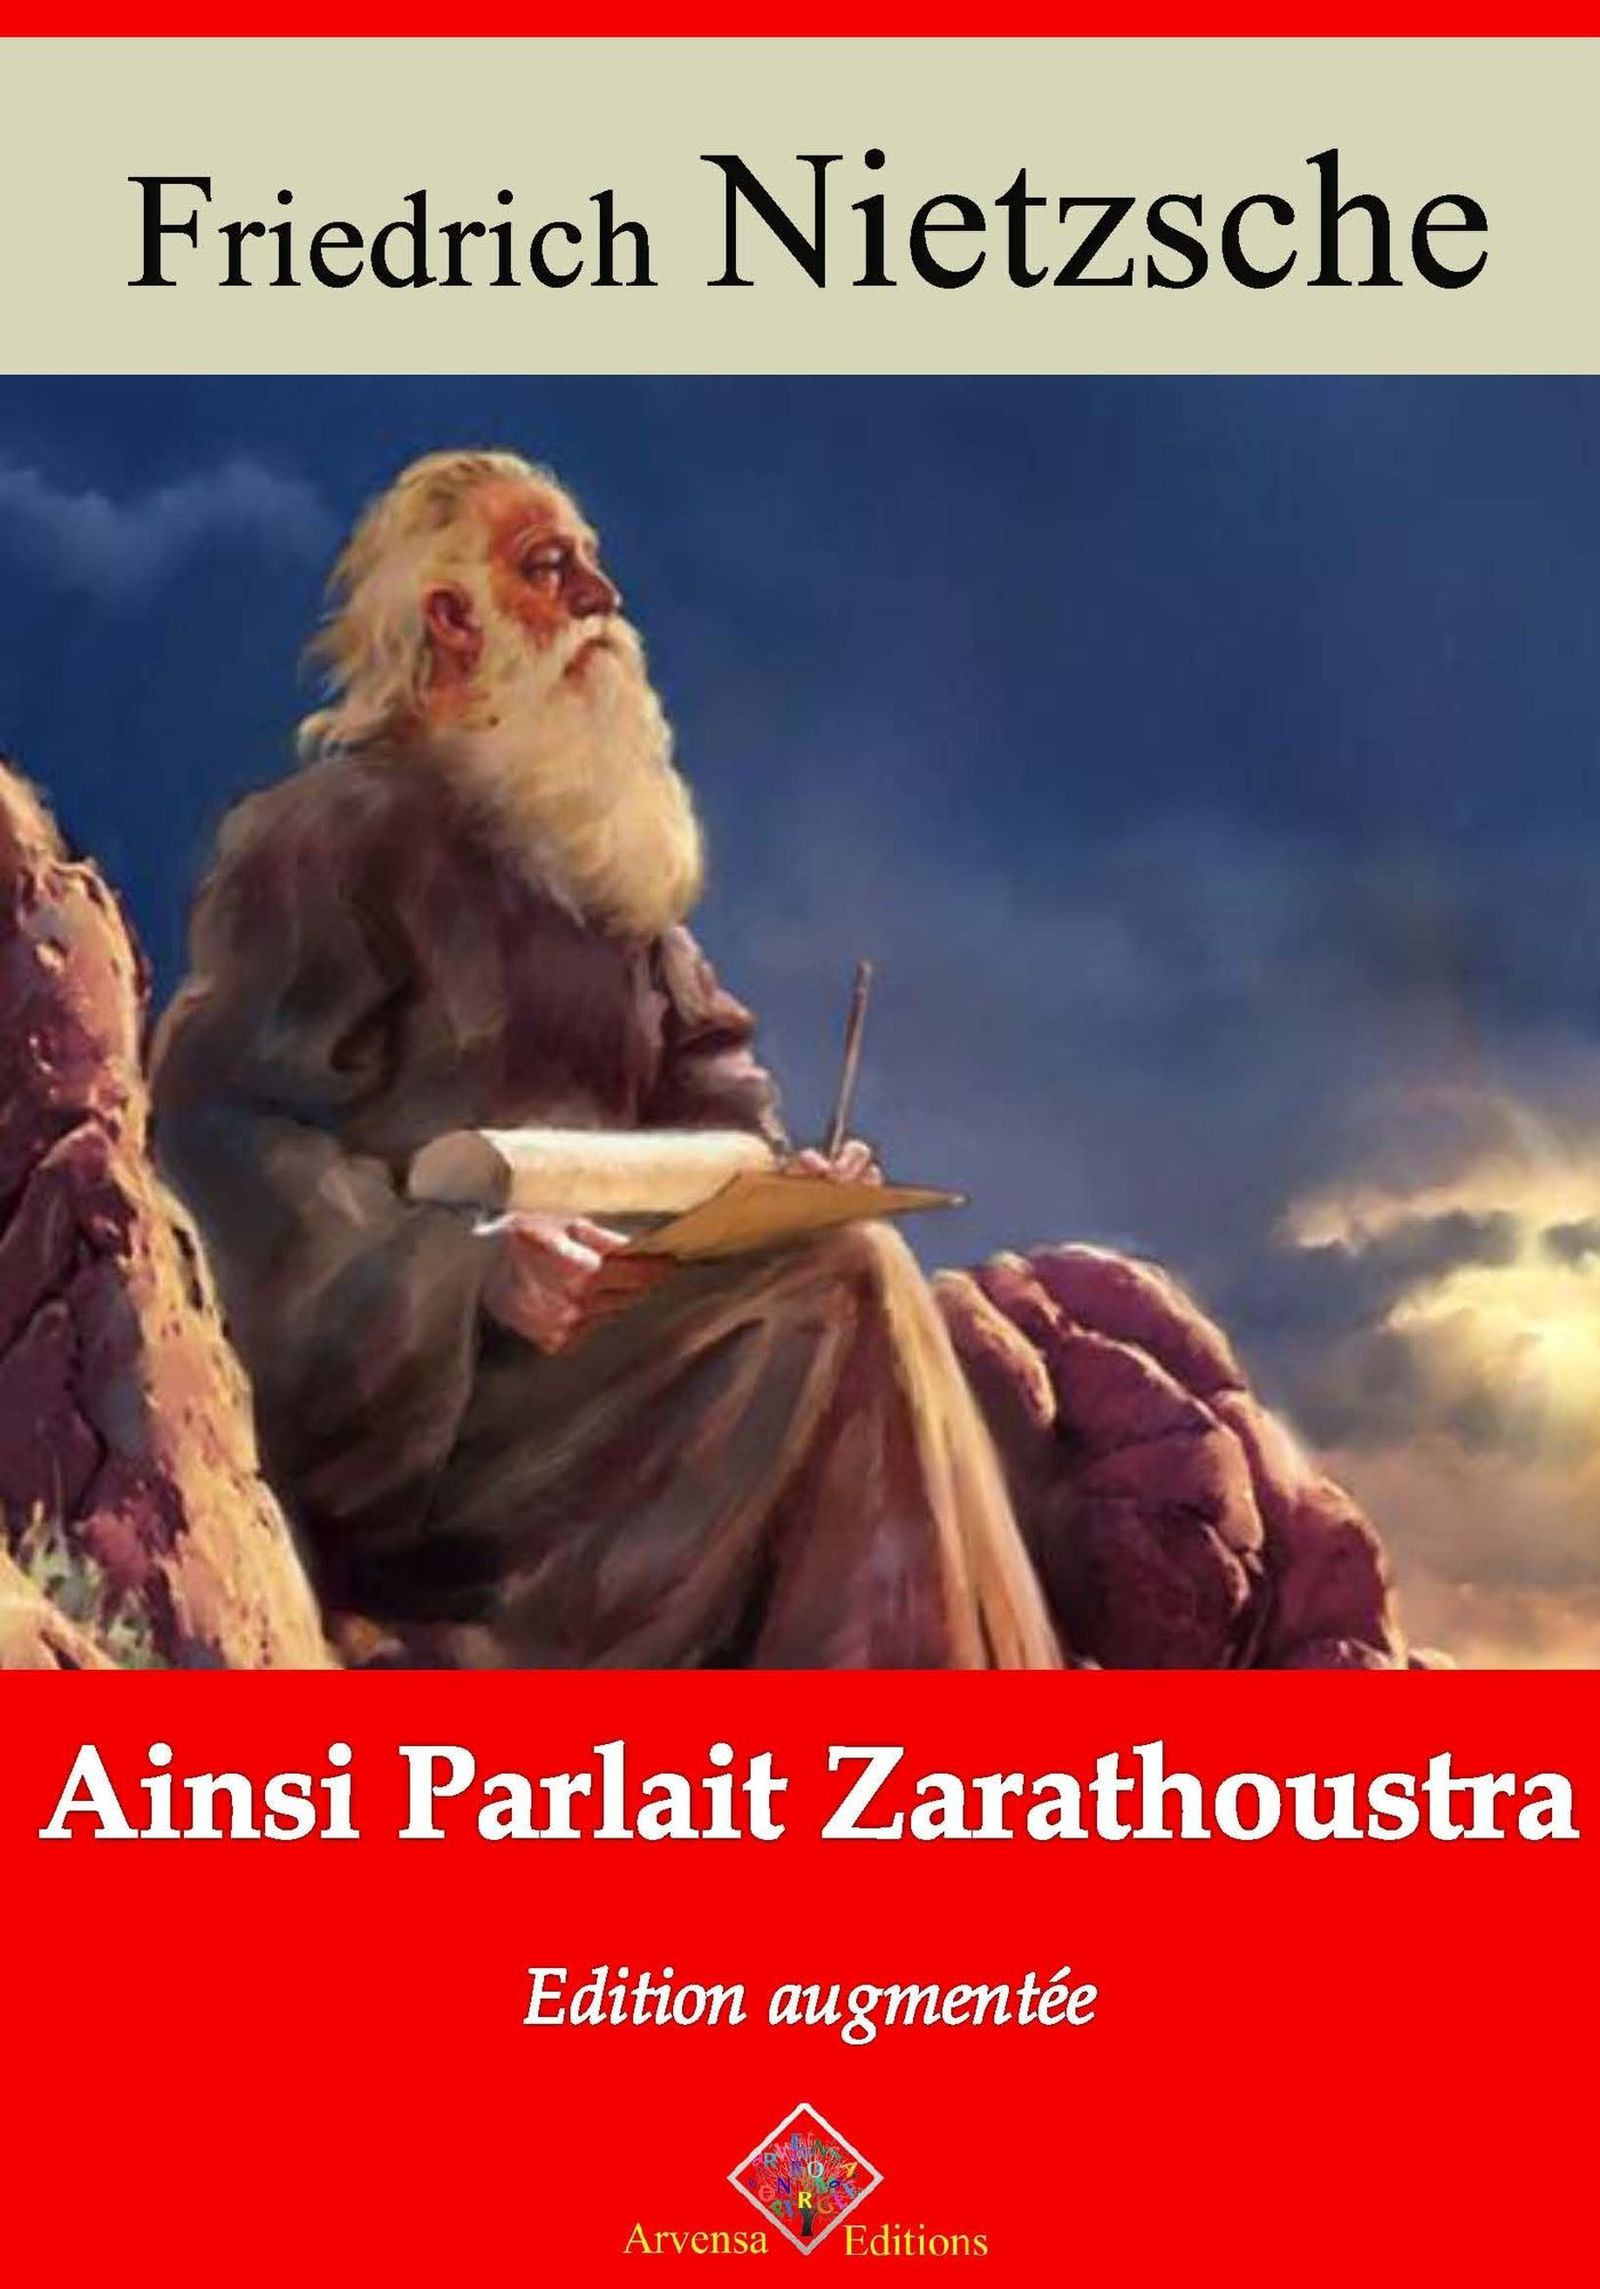 Ainsi parlait Zarathoustra - suivi d'annexes